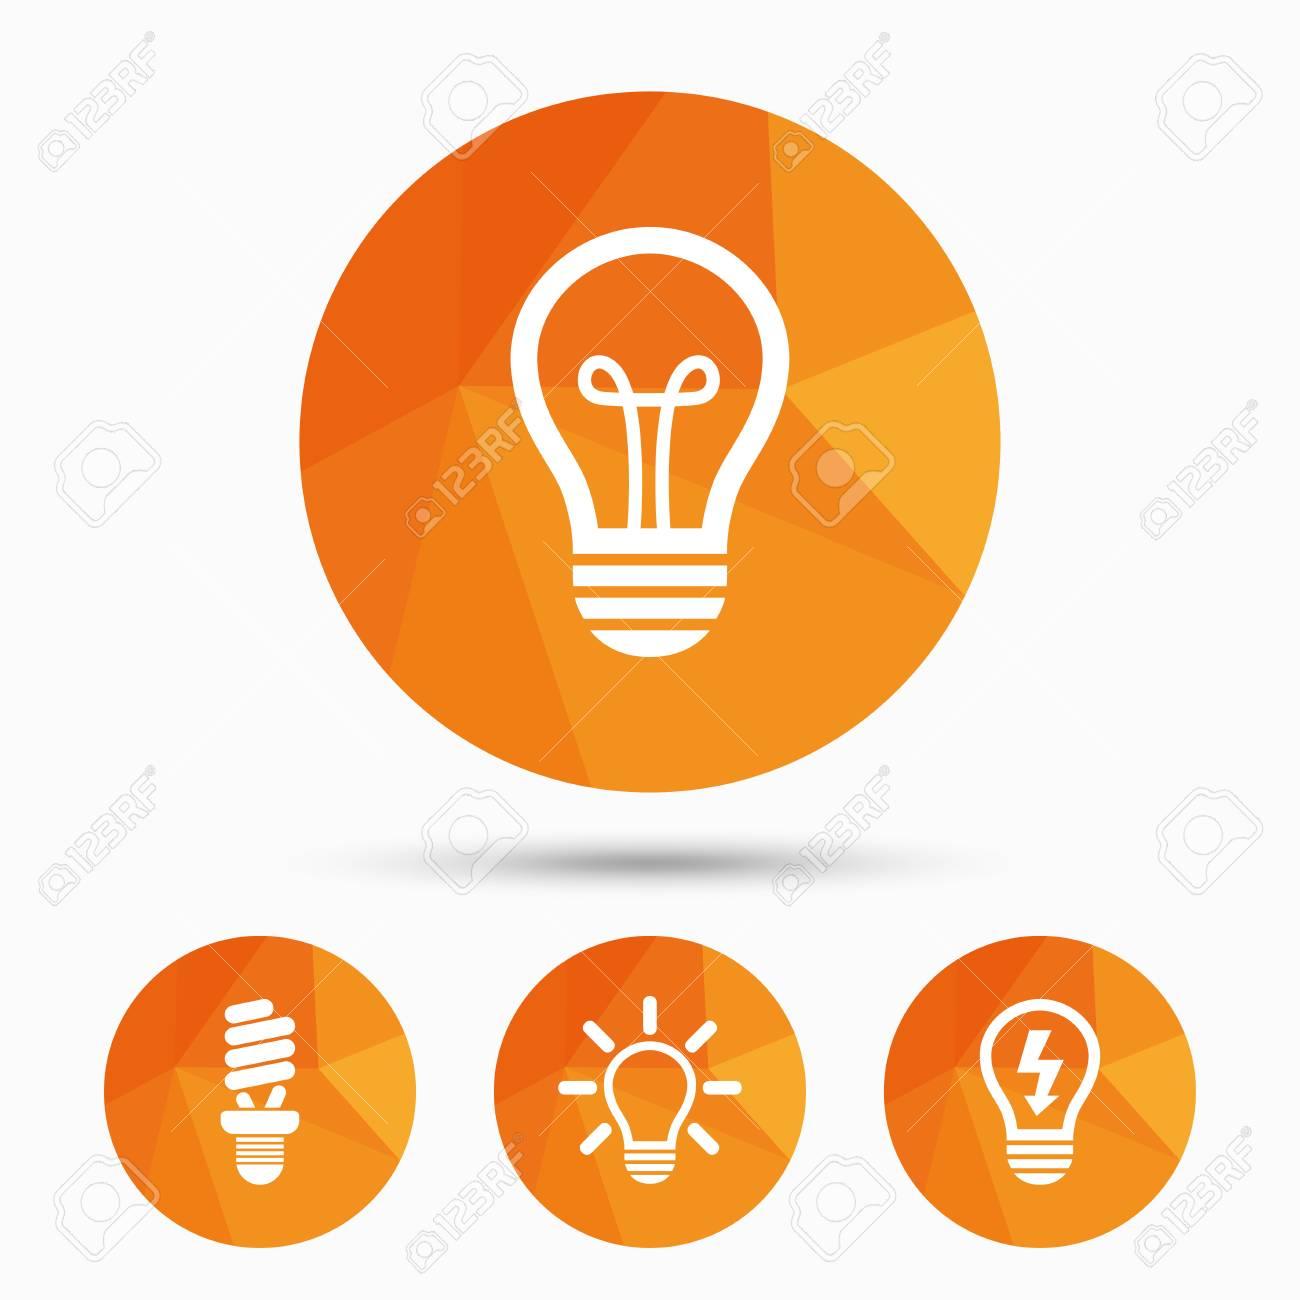 Großartig Symbol Für Lampe Bilder - Schaltplan Serie Circuit ...